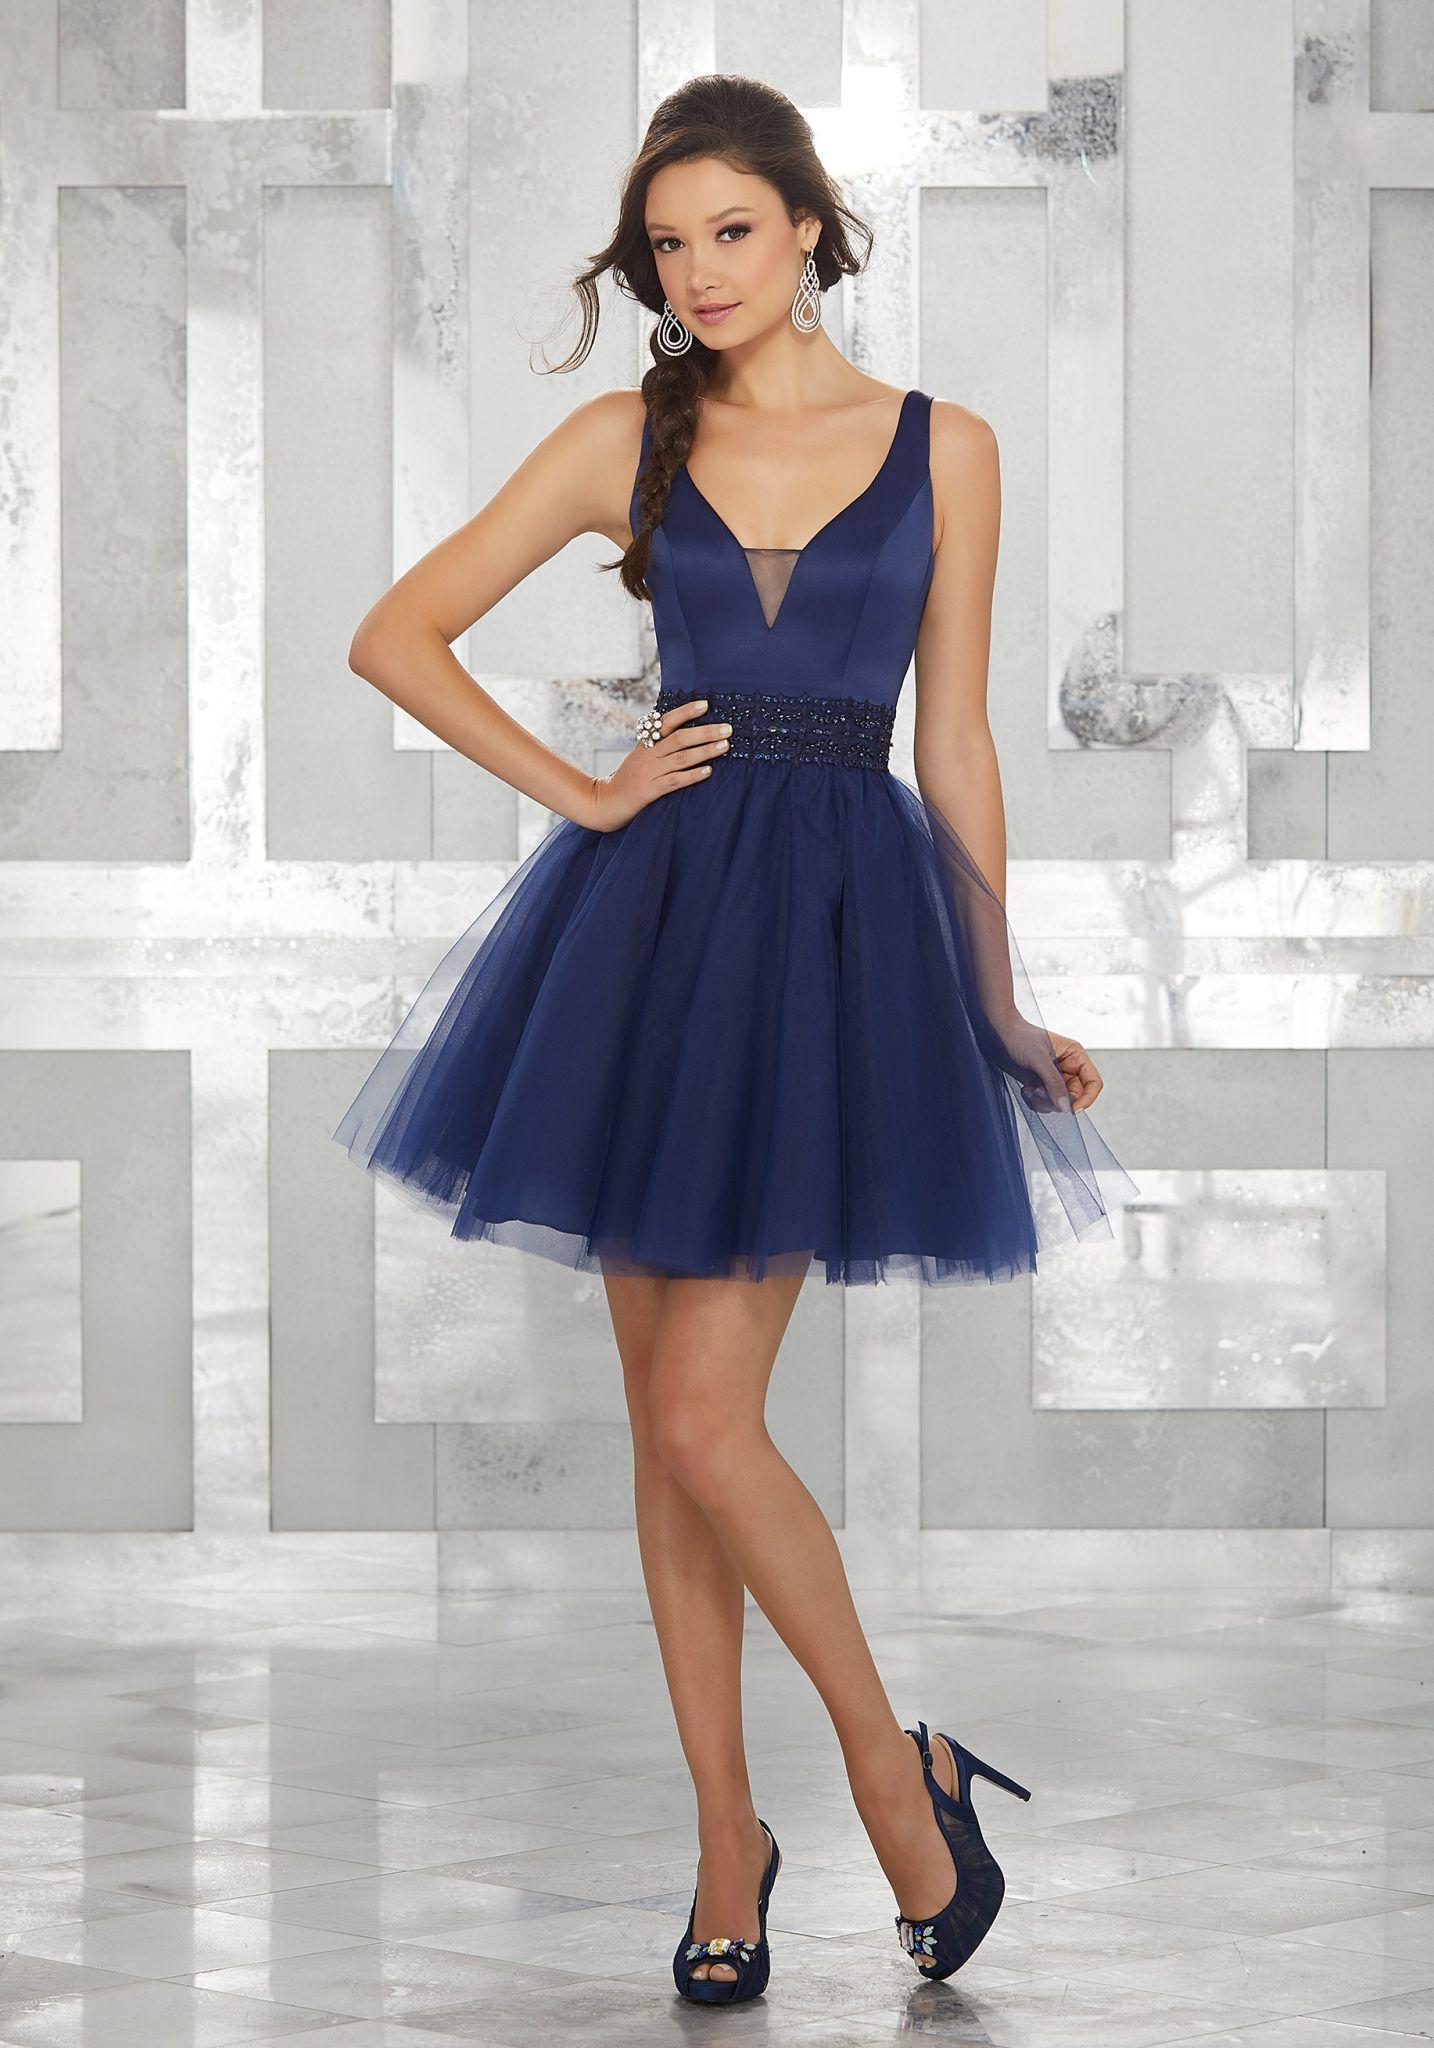 2020 Abiye Elbise Kisa Abiye Modelleri Lacivert Askili V Yakali Boncuk Islemeli Kemerli Parti Elbisesi Mezunlar Gecesi Elbiseleri The Dress